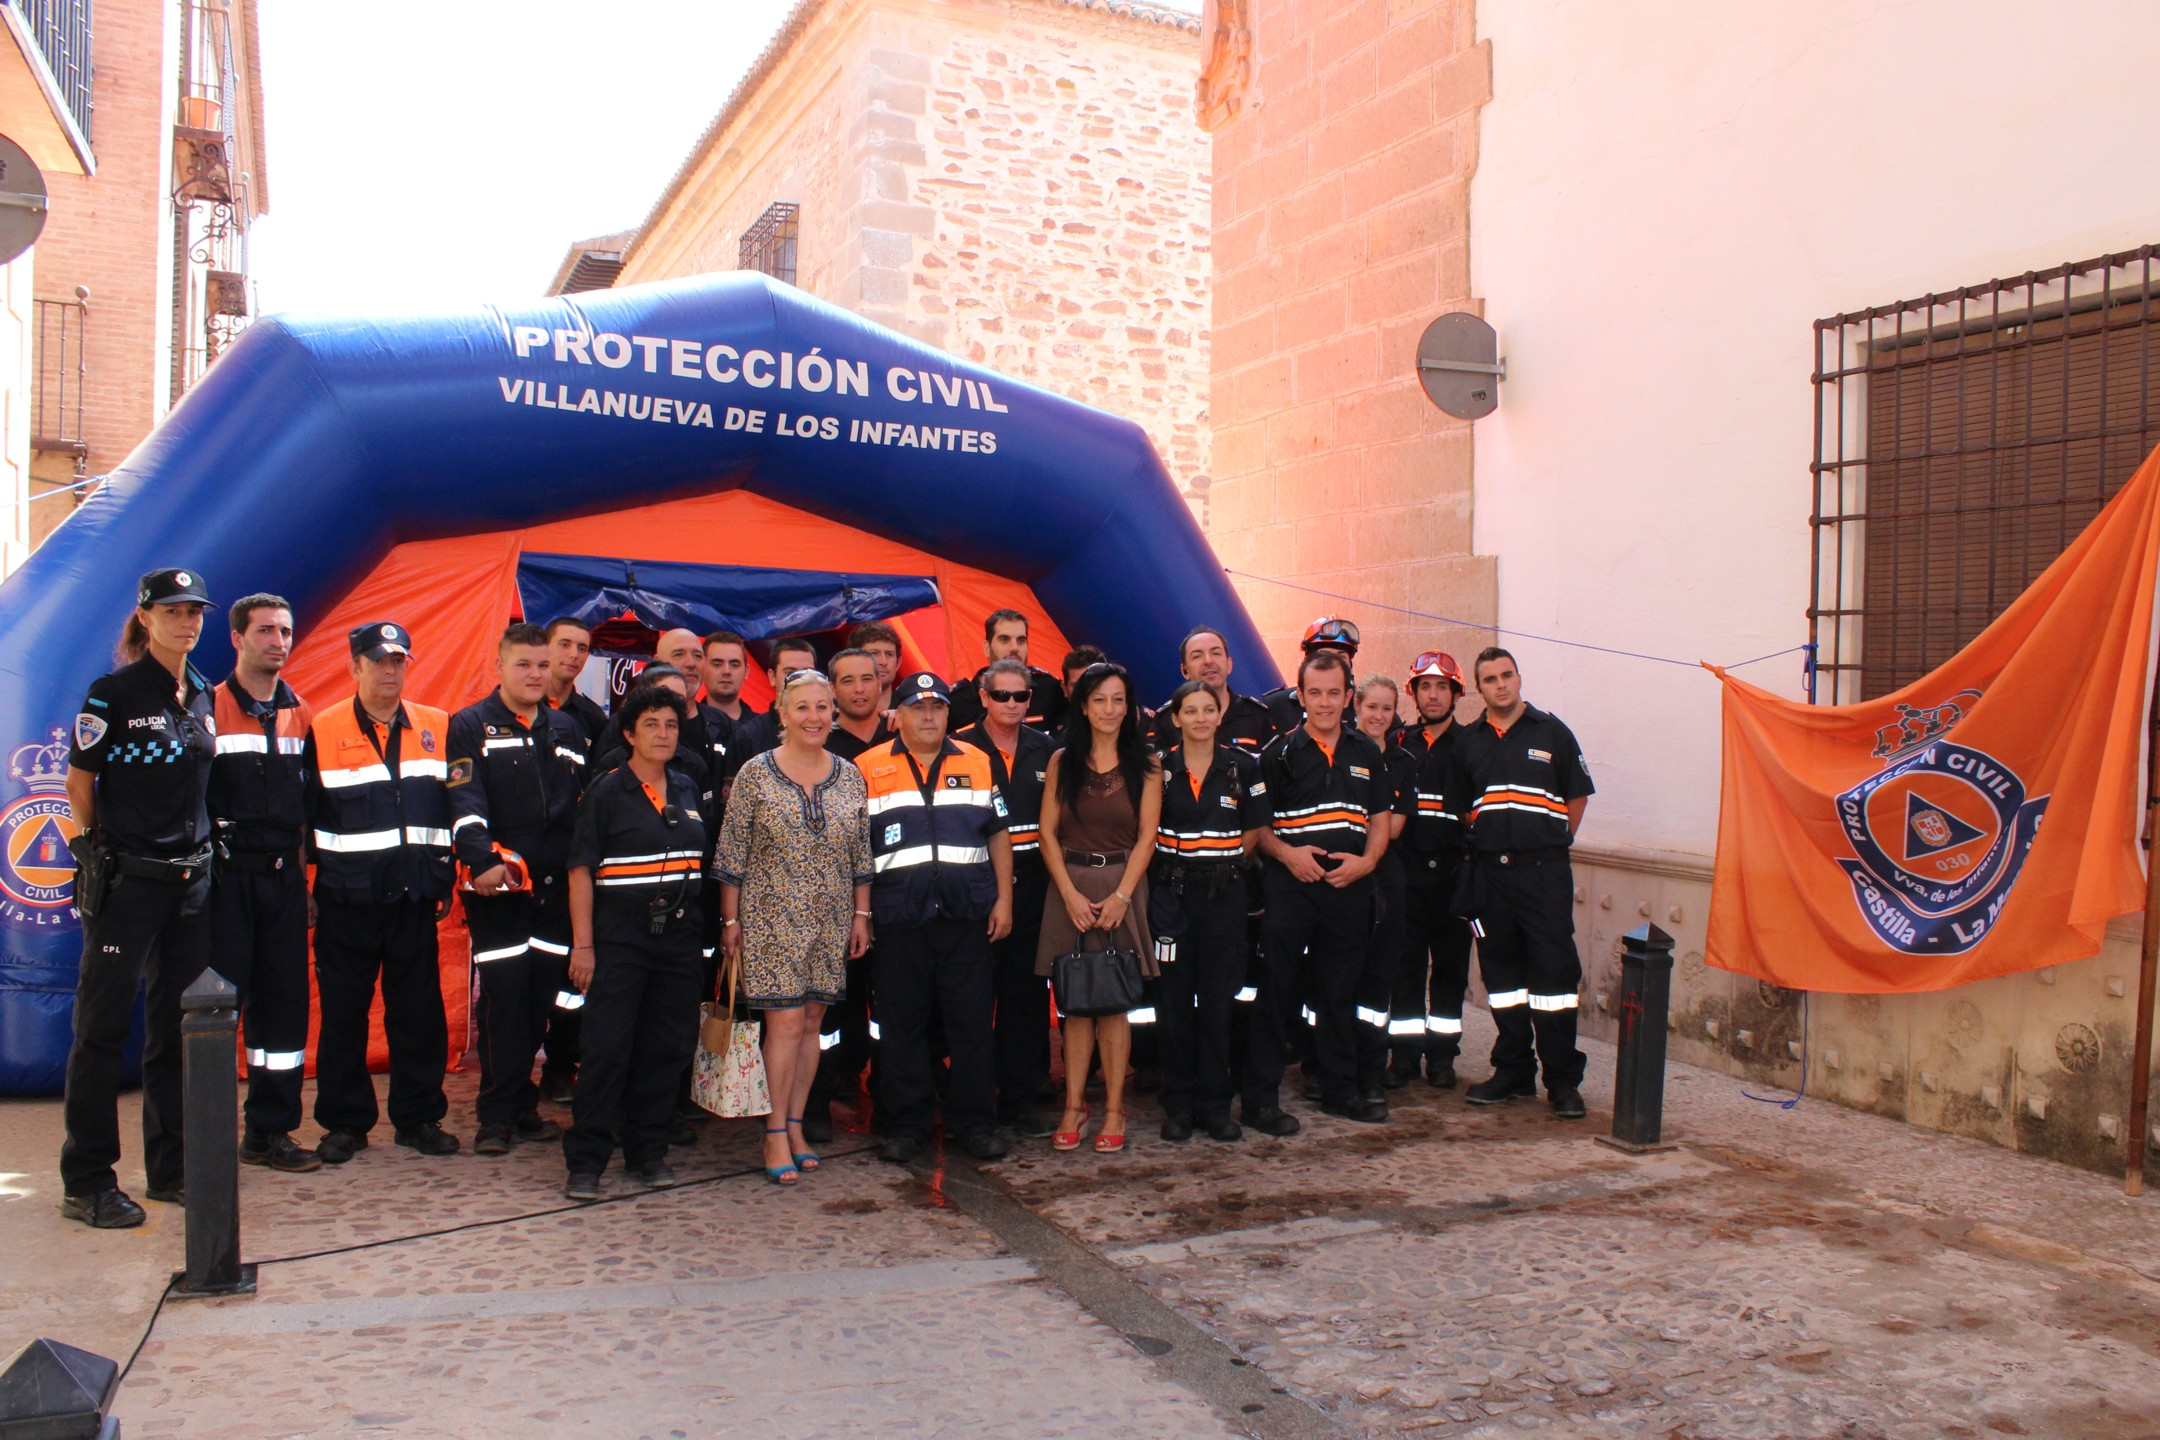 Una veintena de voluntarios de Protección Civil intervienen con éxito en un simulacro de incendio en el Centro de Día